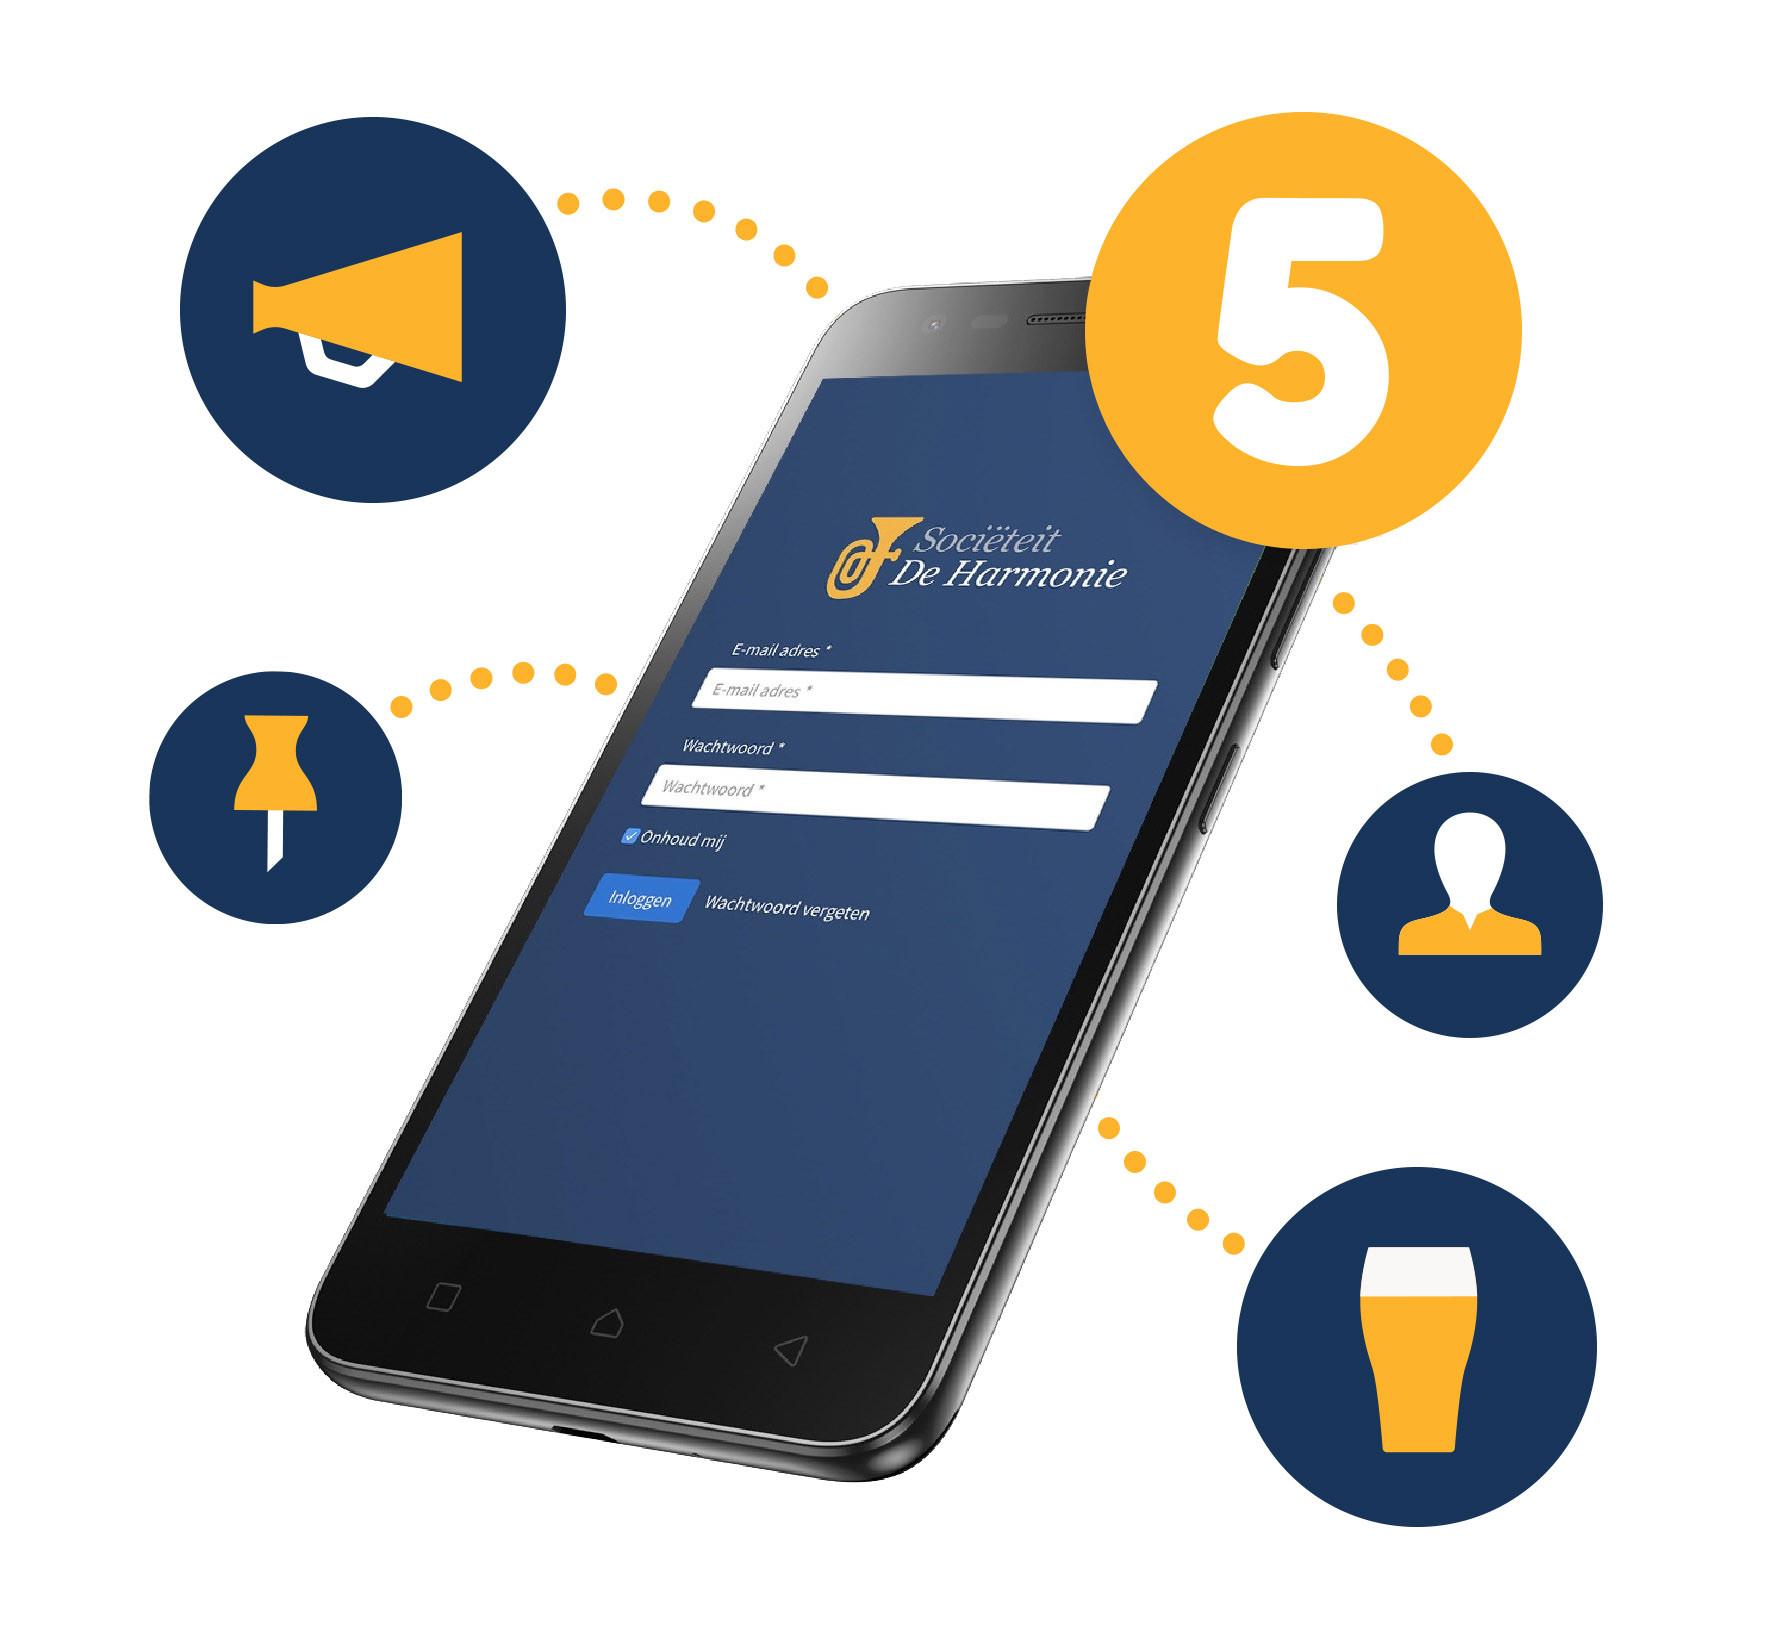 Portal voor vereniging en sociëteit - 3. Altijd op de hoogte